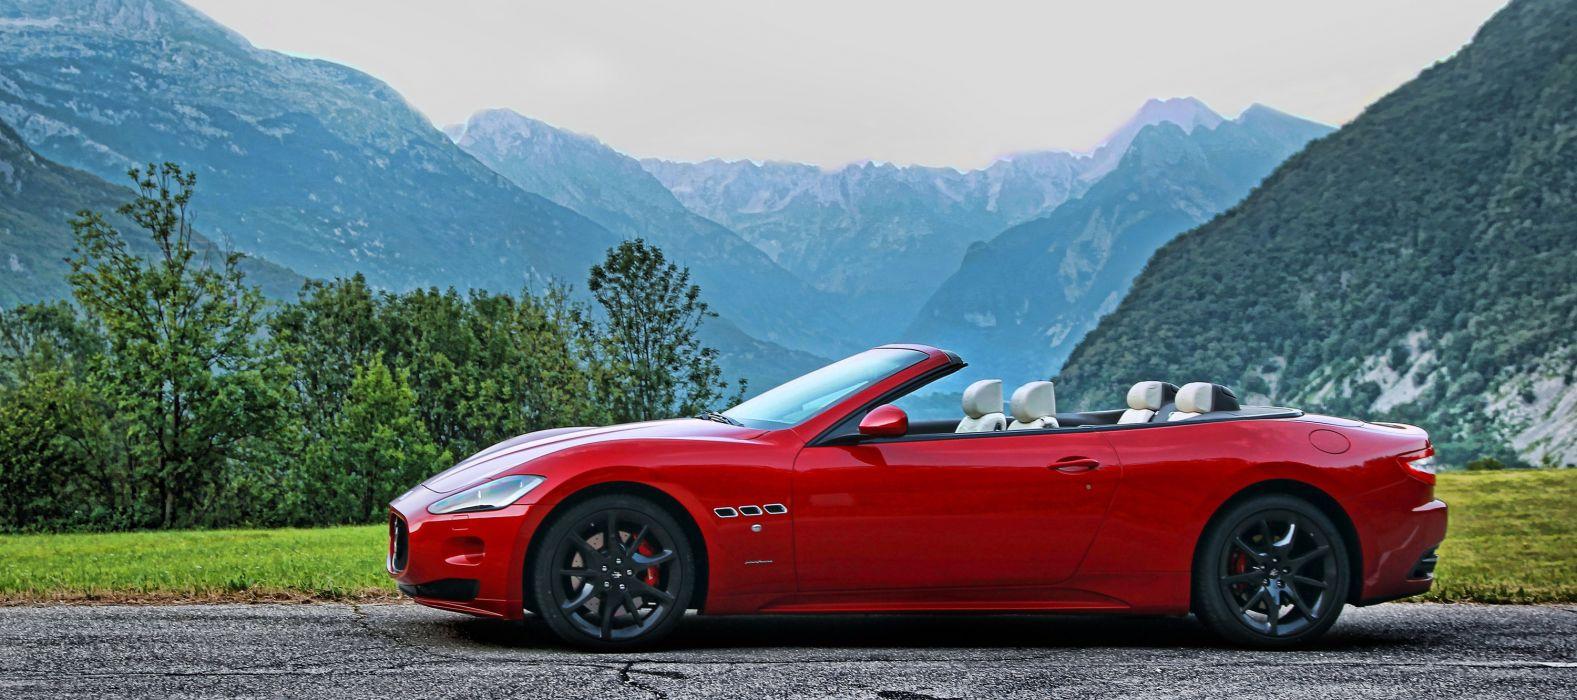 2012 Maserati grancabrio sport 20 other wallpaper